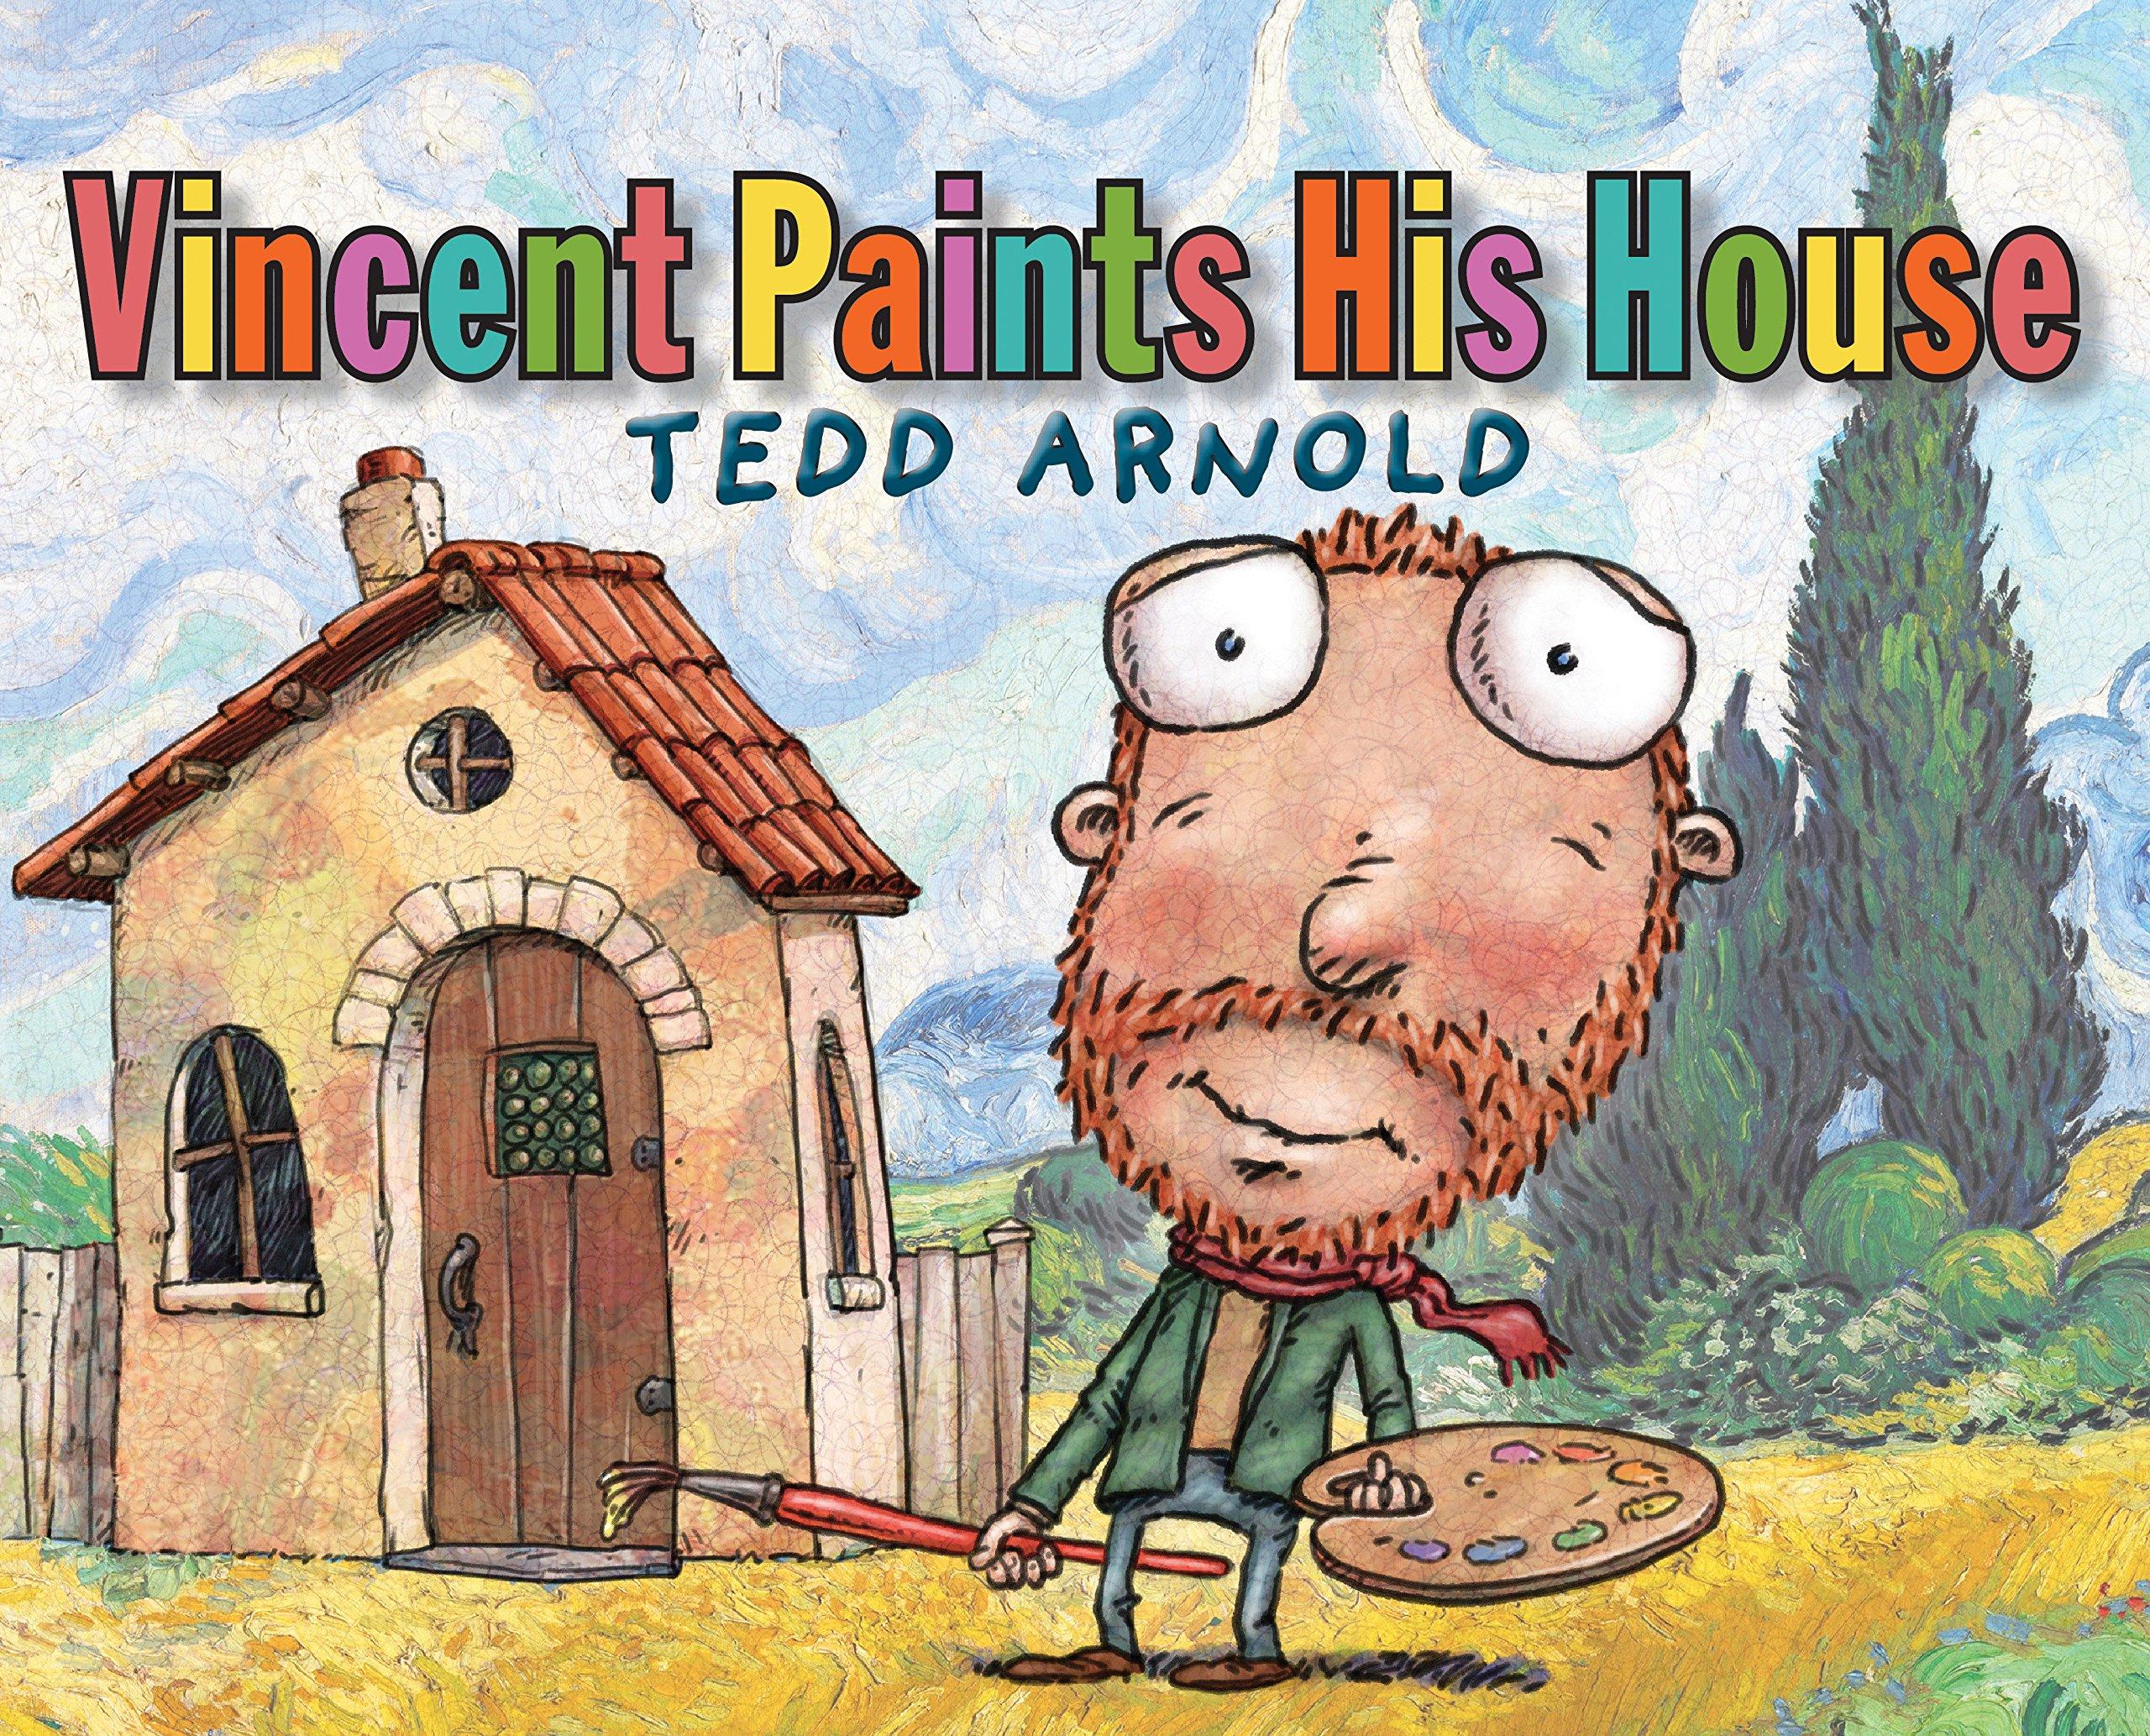 Amazon.com: Vincent Paints His House (9780823436866): Arnold, Tedd ...